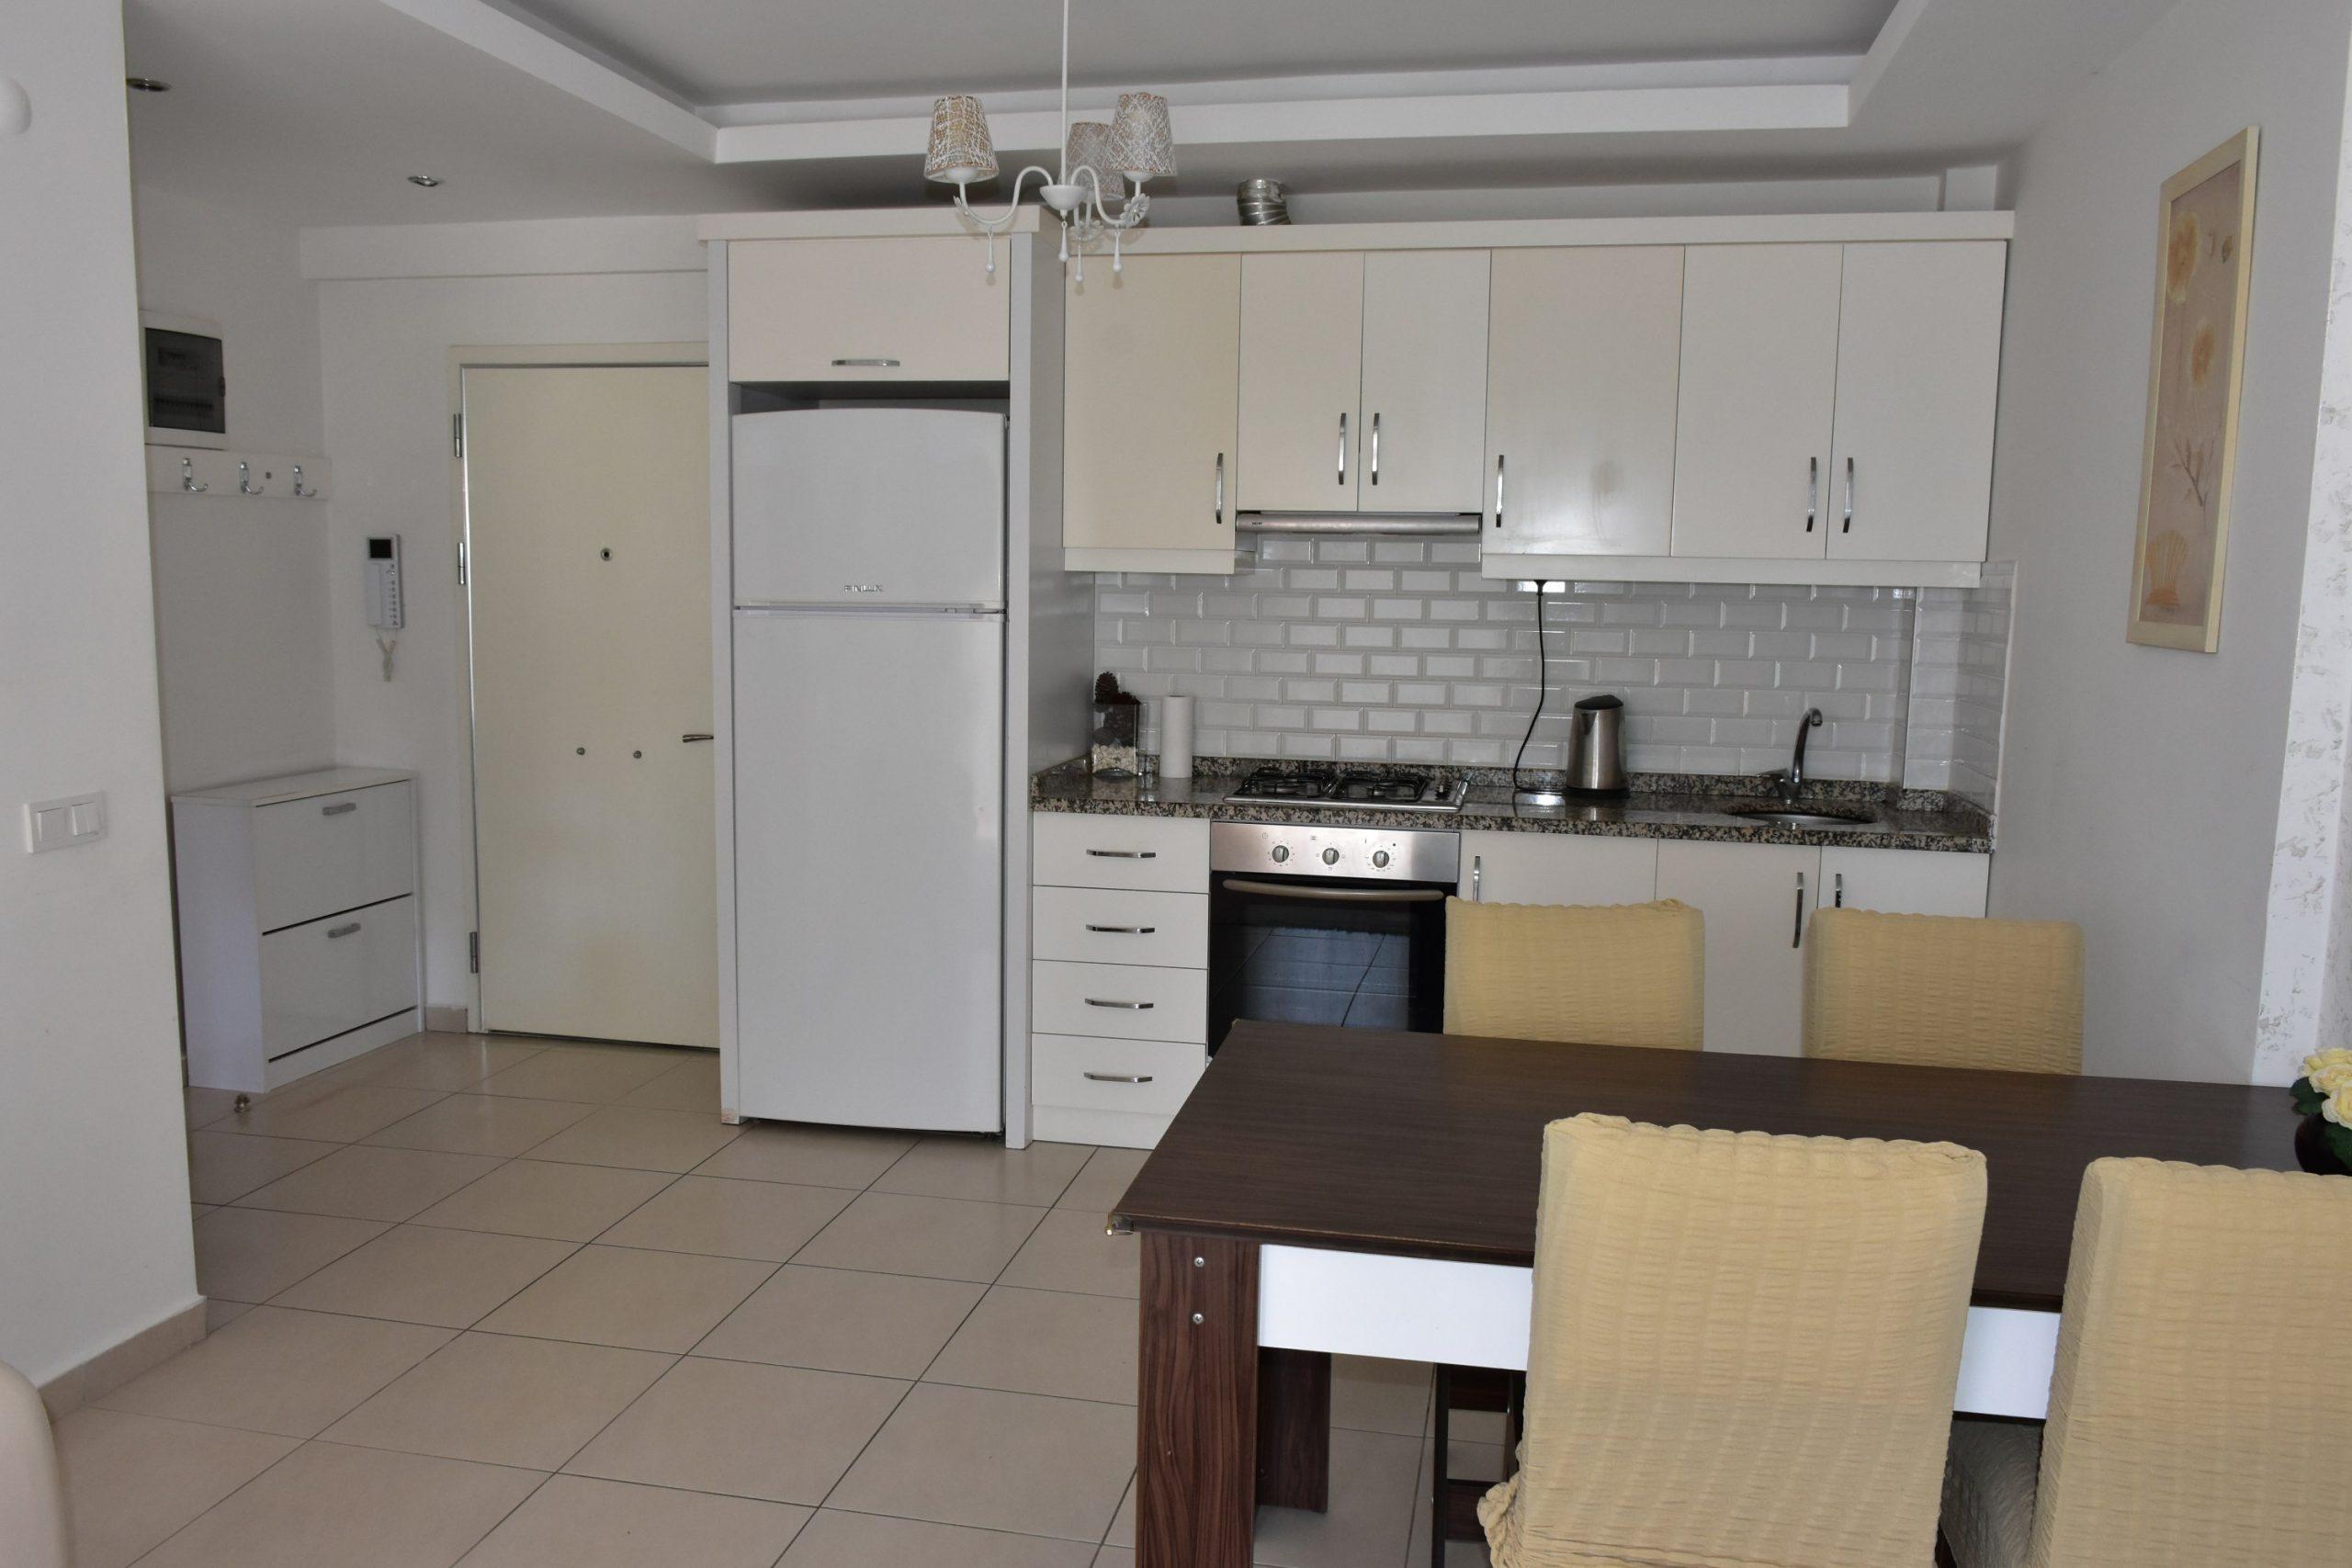 Двухкомнатная квартира с мебелью в посёлке Авсаллар - Фото 8